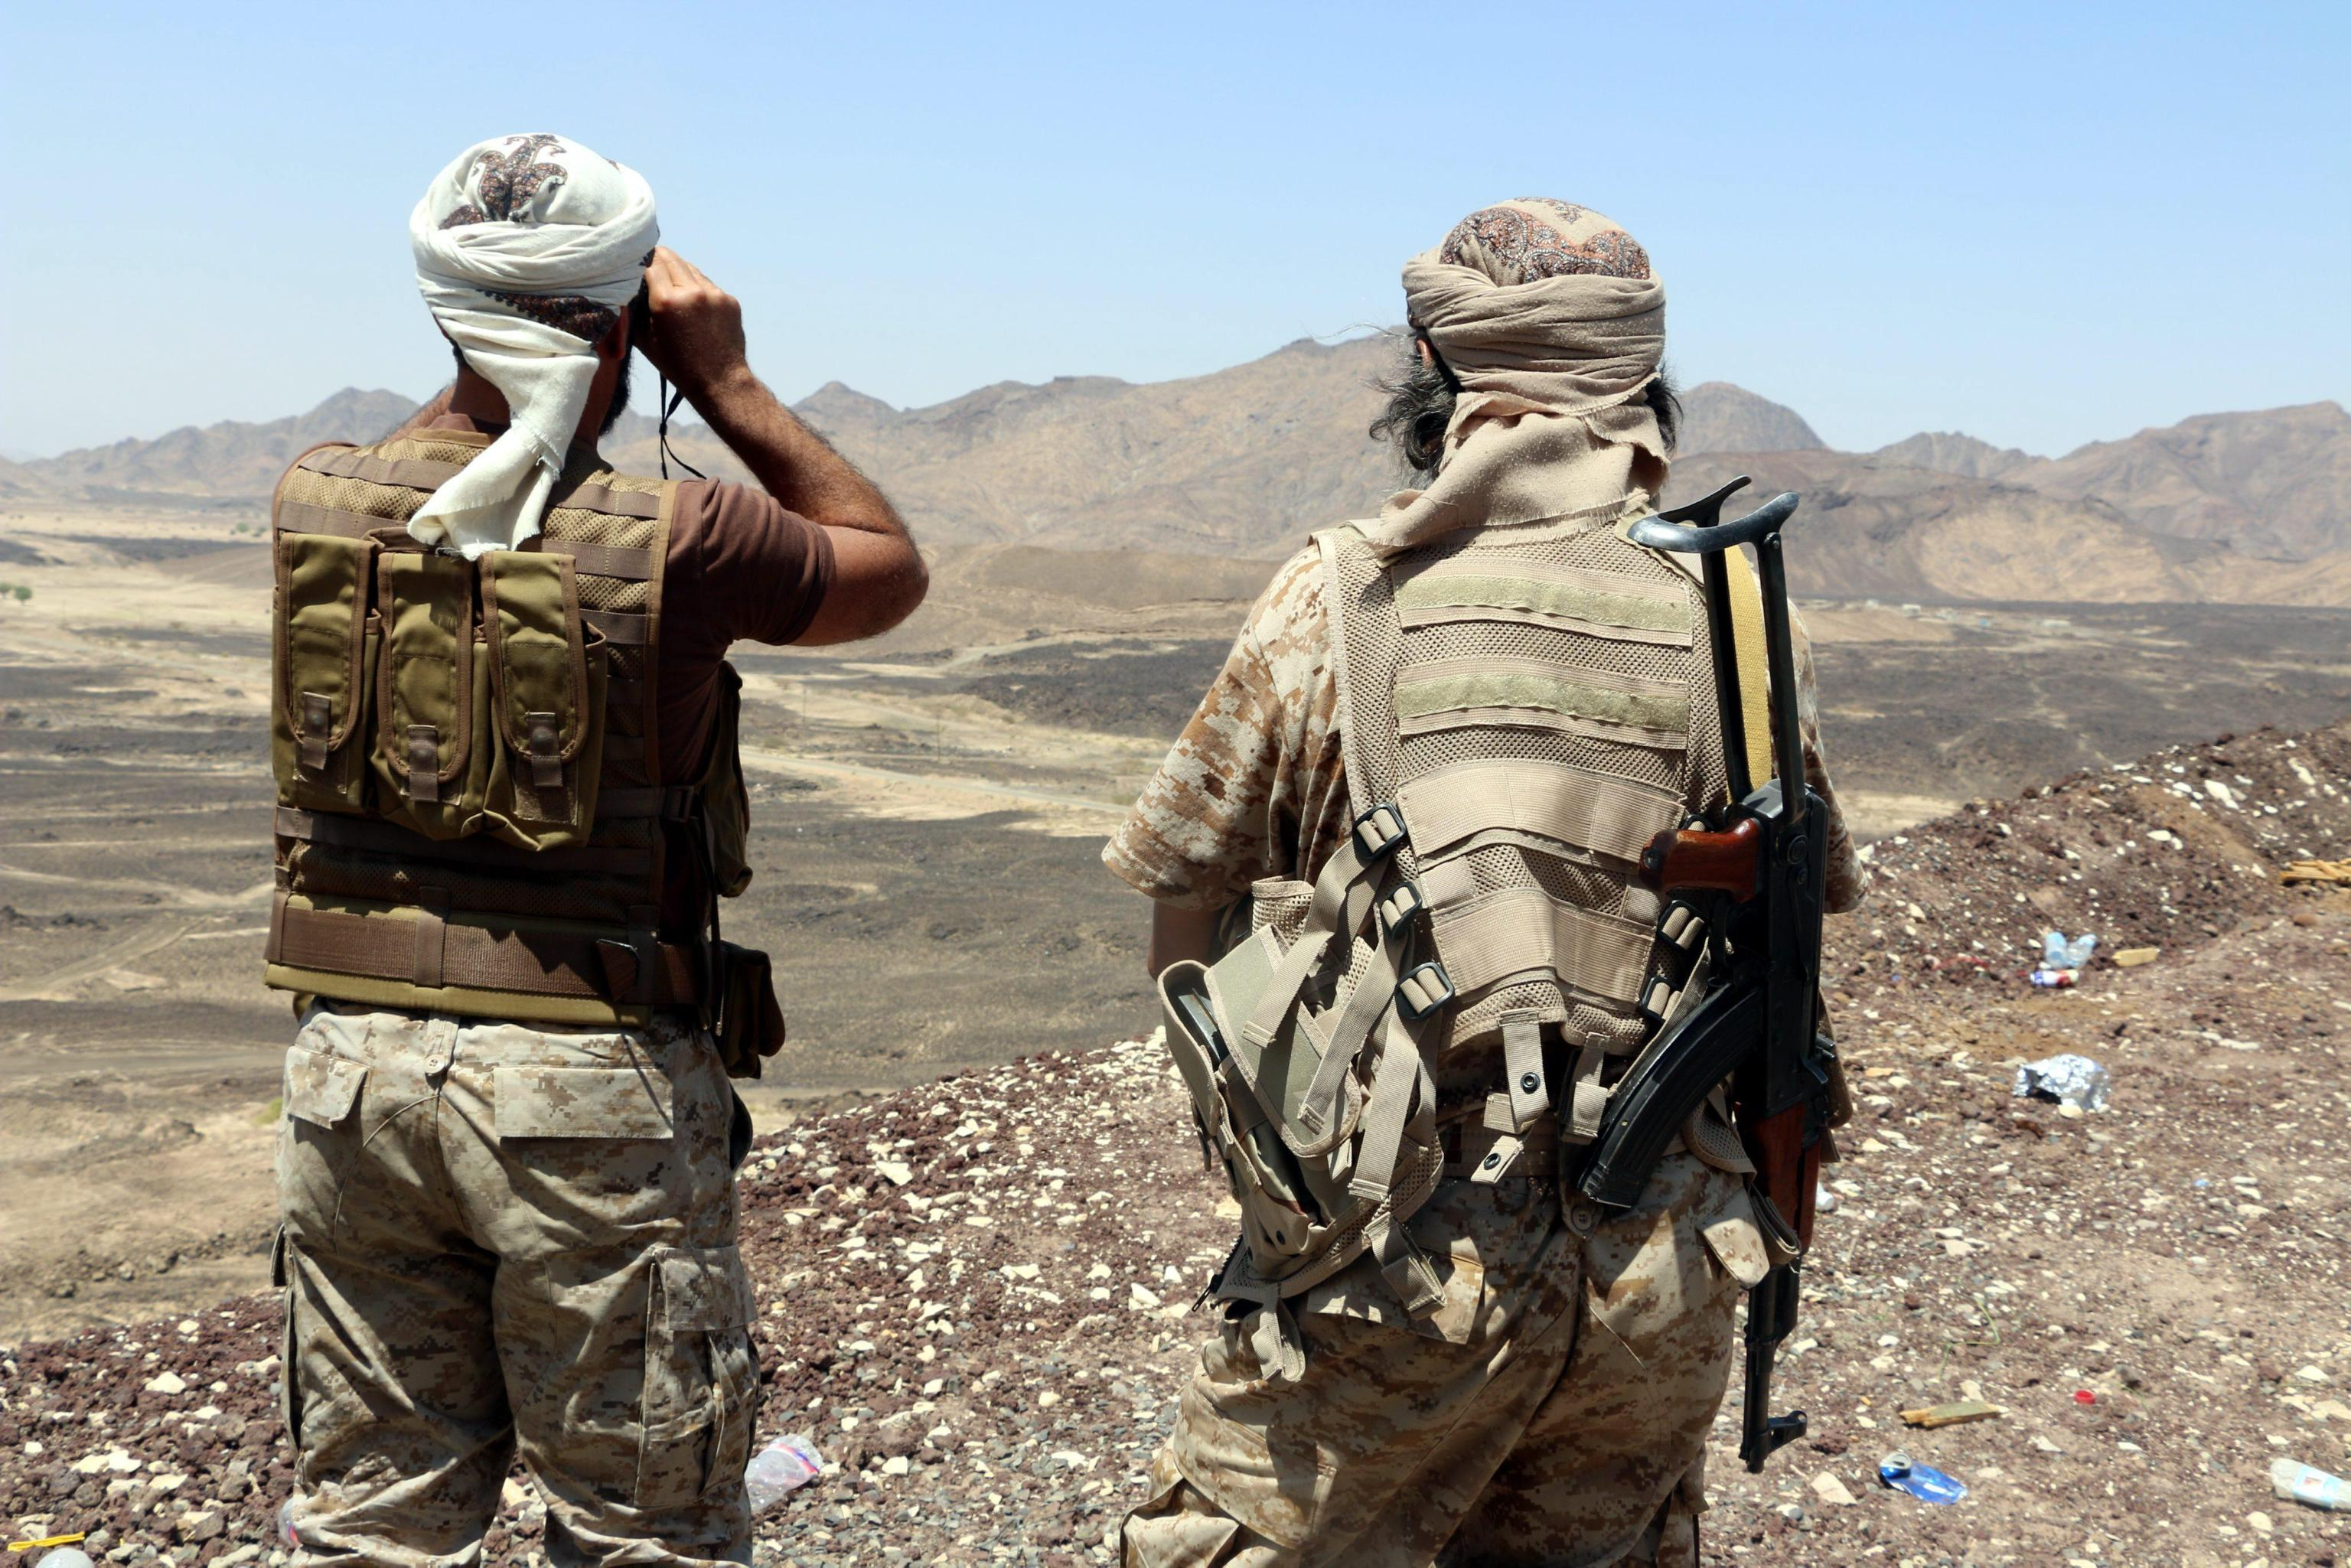 La missione impossibile dell 39 arabia saudita gli occhi for Piani di missione